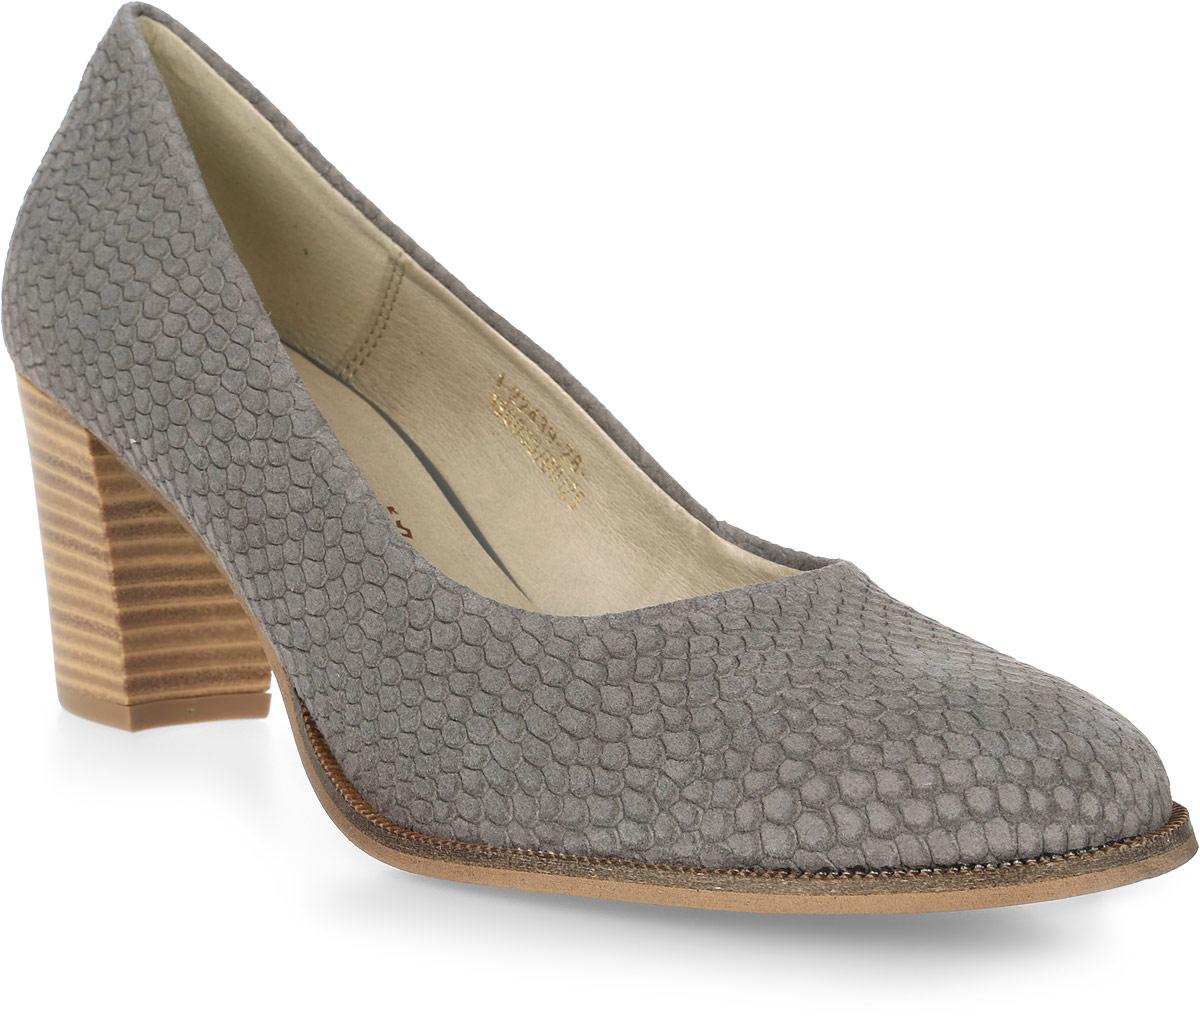 Туфли женские Tamaris, цвет: серый. 1-1-22439-28-228/201. Размер 411-1-22439-28-228/201Стильные женские туфли Tamaris придутся вам по душе!Модель выполнена из натуральной кожи. Невероятно мягкая съемная стелька из искусственной кожи гарантирует максимальный комфорт при движении и позволяет ногам дышать. Устойчивый каблук и подошва не скользят.Удобные туфли помогут вам создать яркий, запоминающийся образ и выделиться среди окружающих.